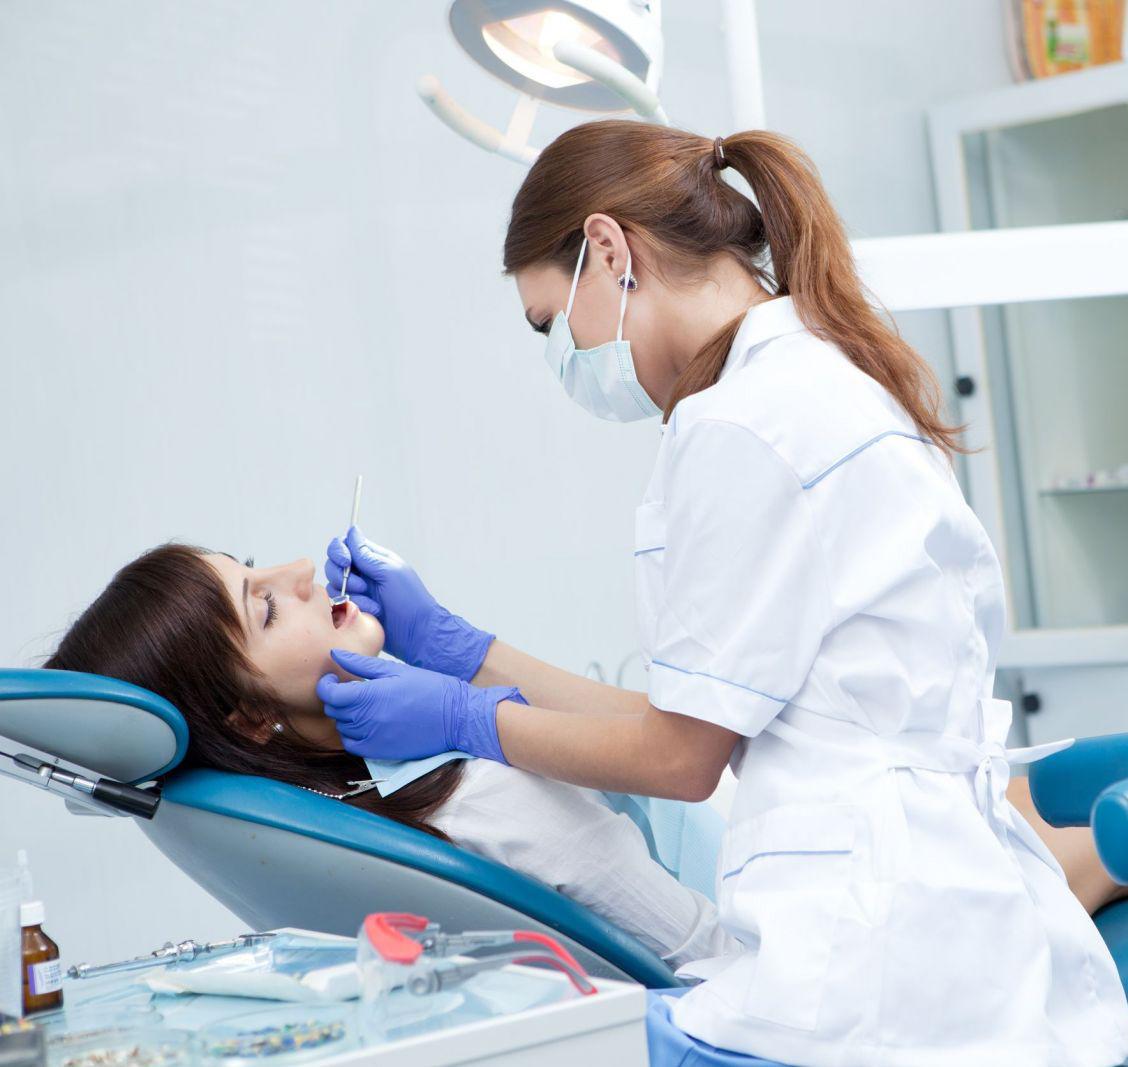 Mau hálito: quem deve tratar, médico ou dentista?